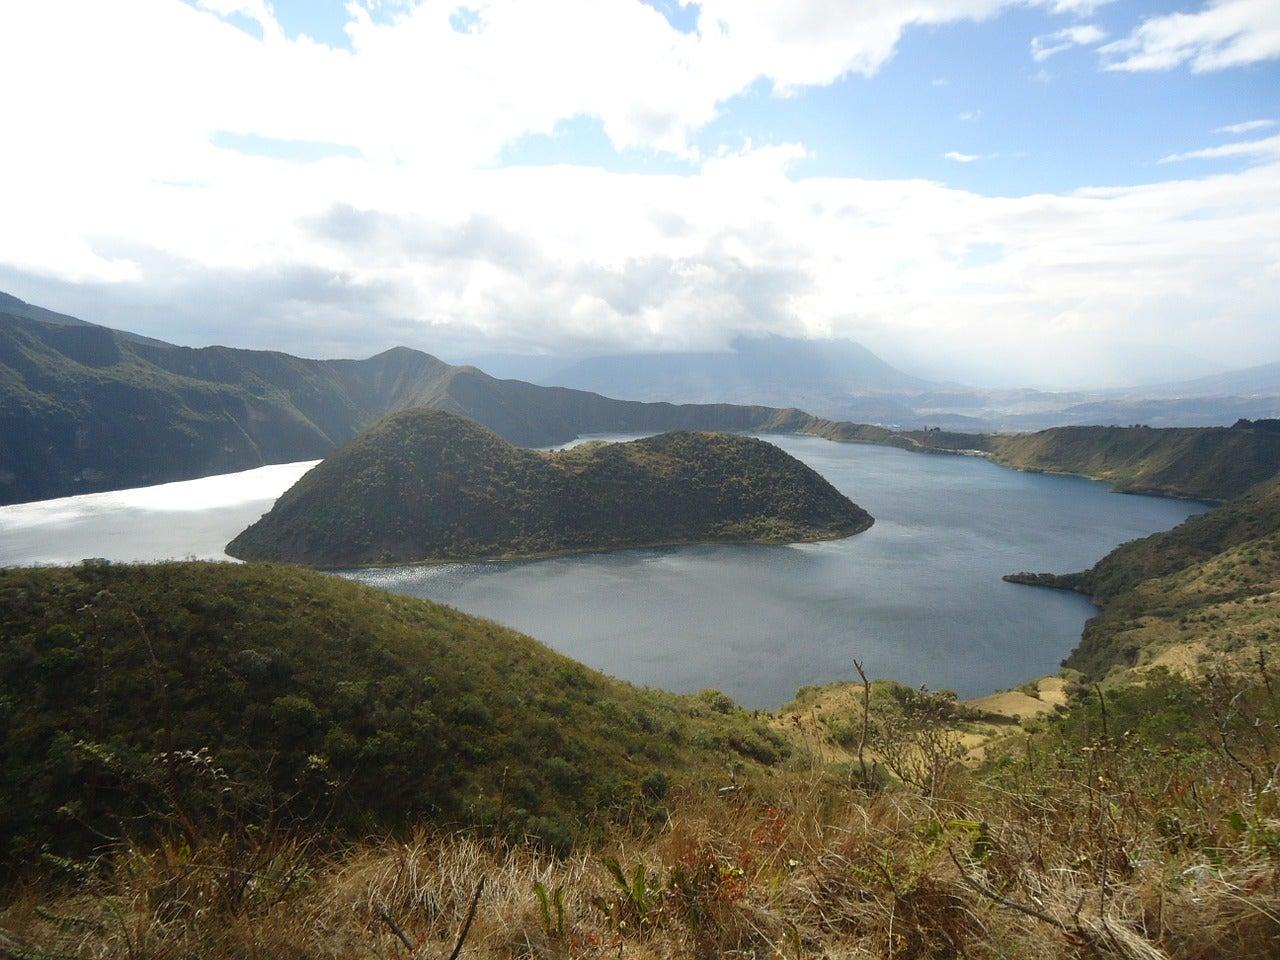 laguna san pablo cose da fare ecuador edreams blog di viaggi